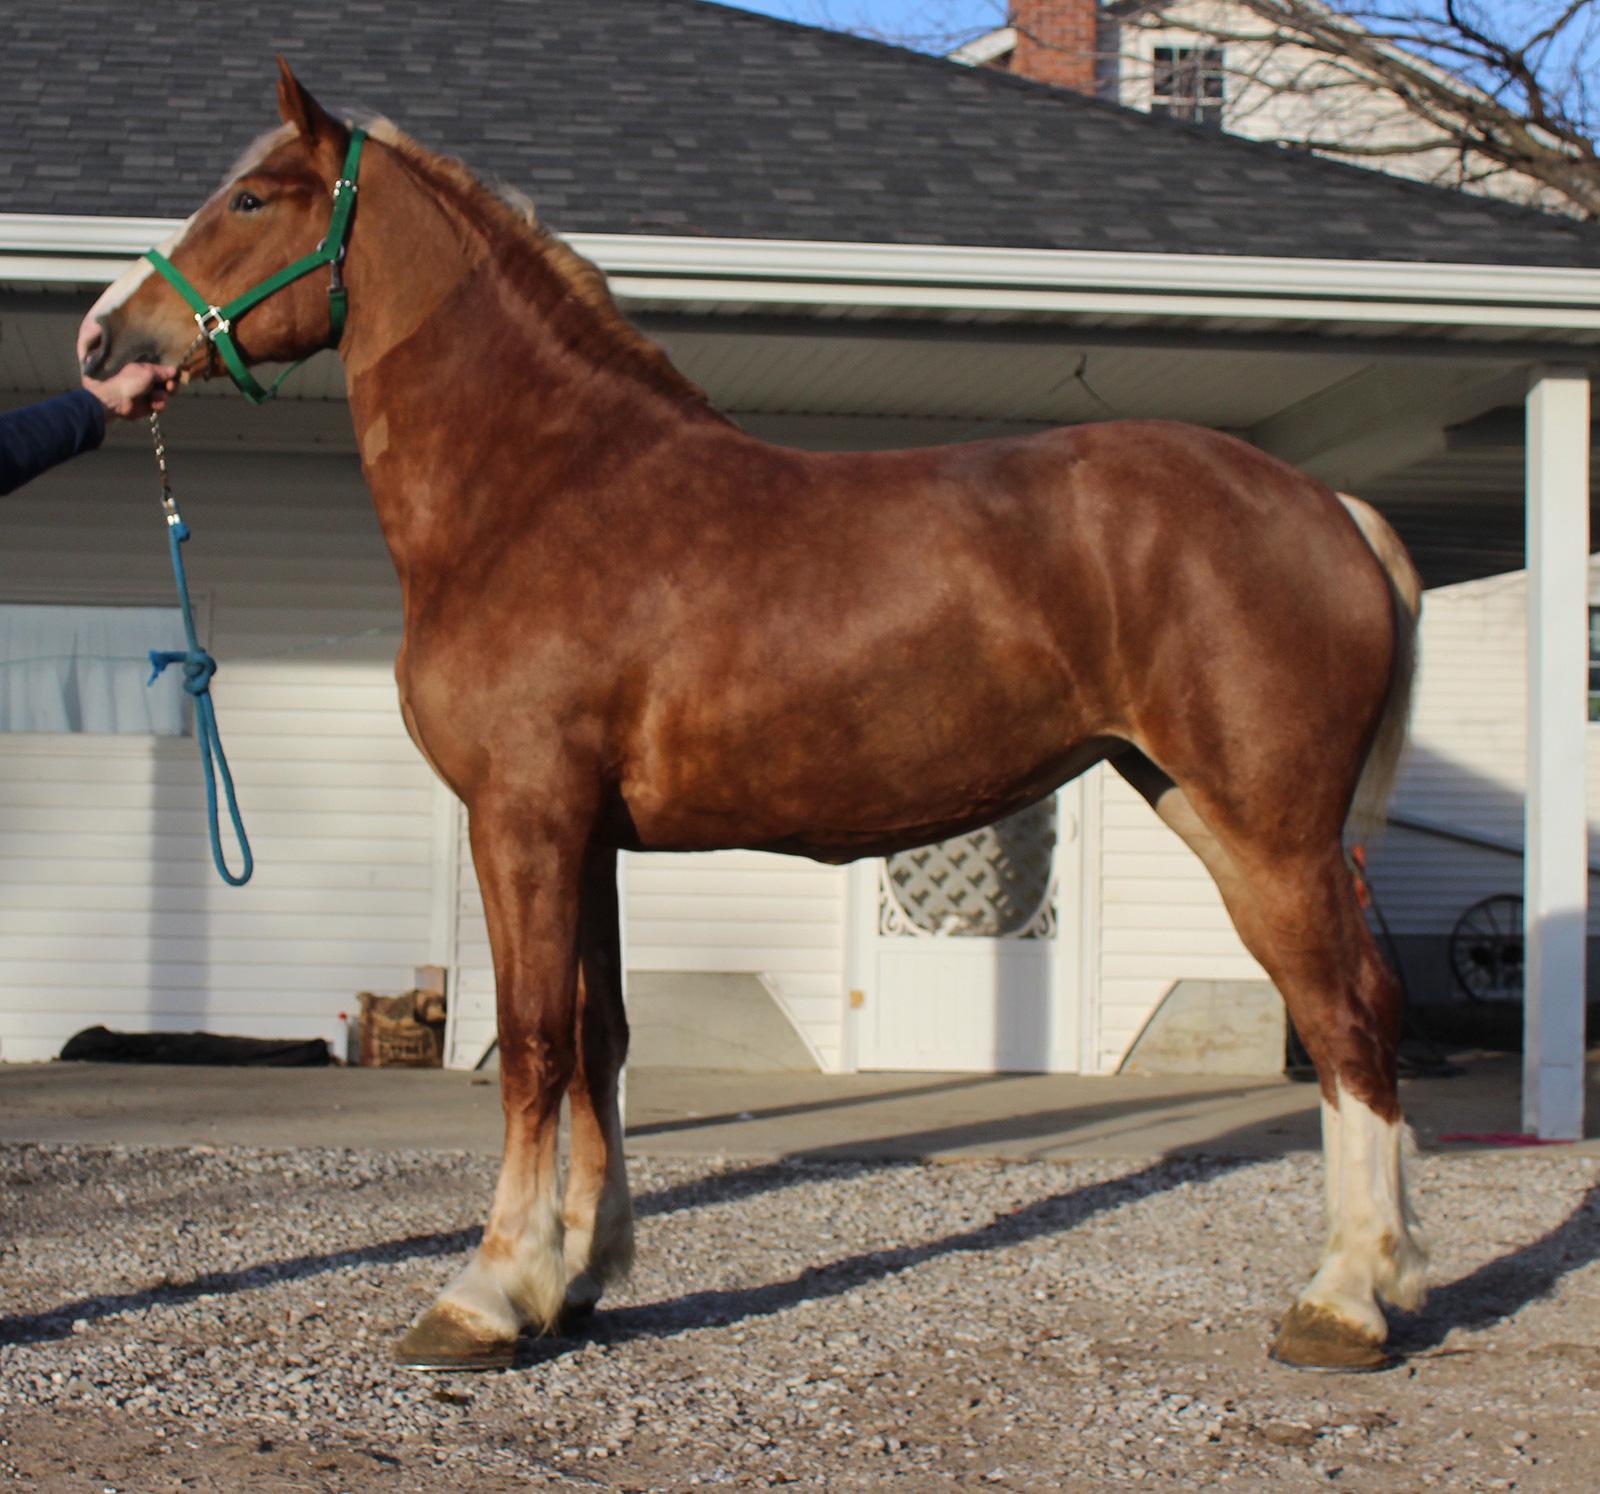 Belgian horse character